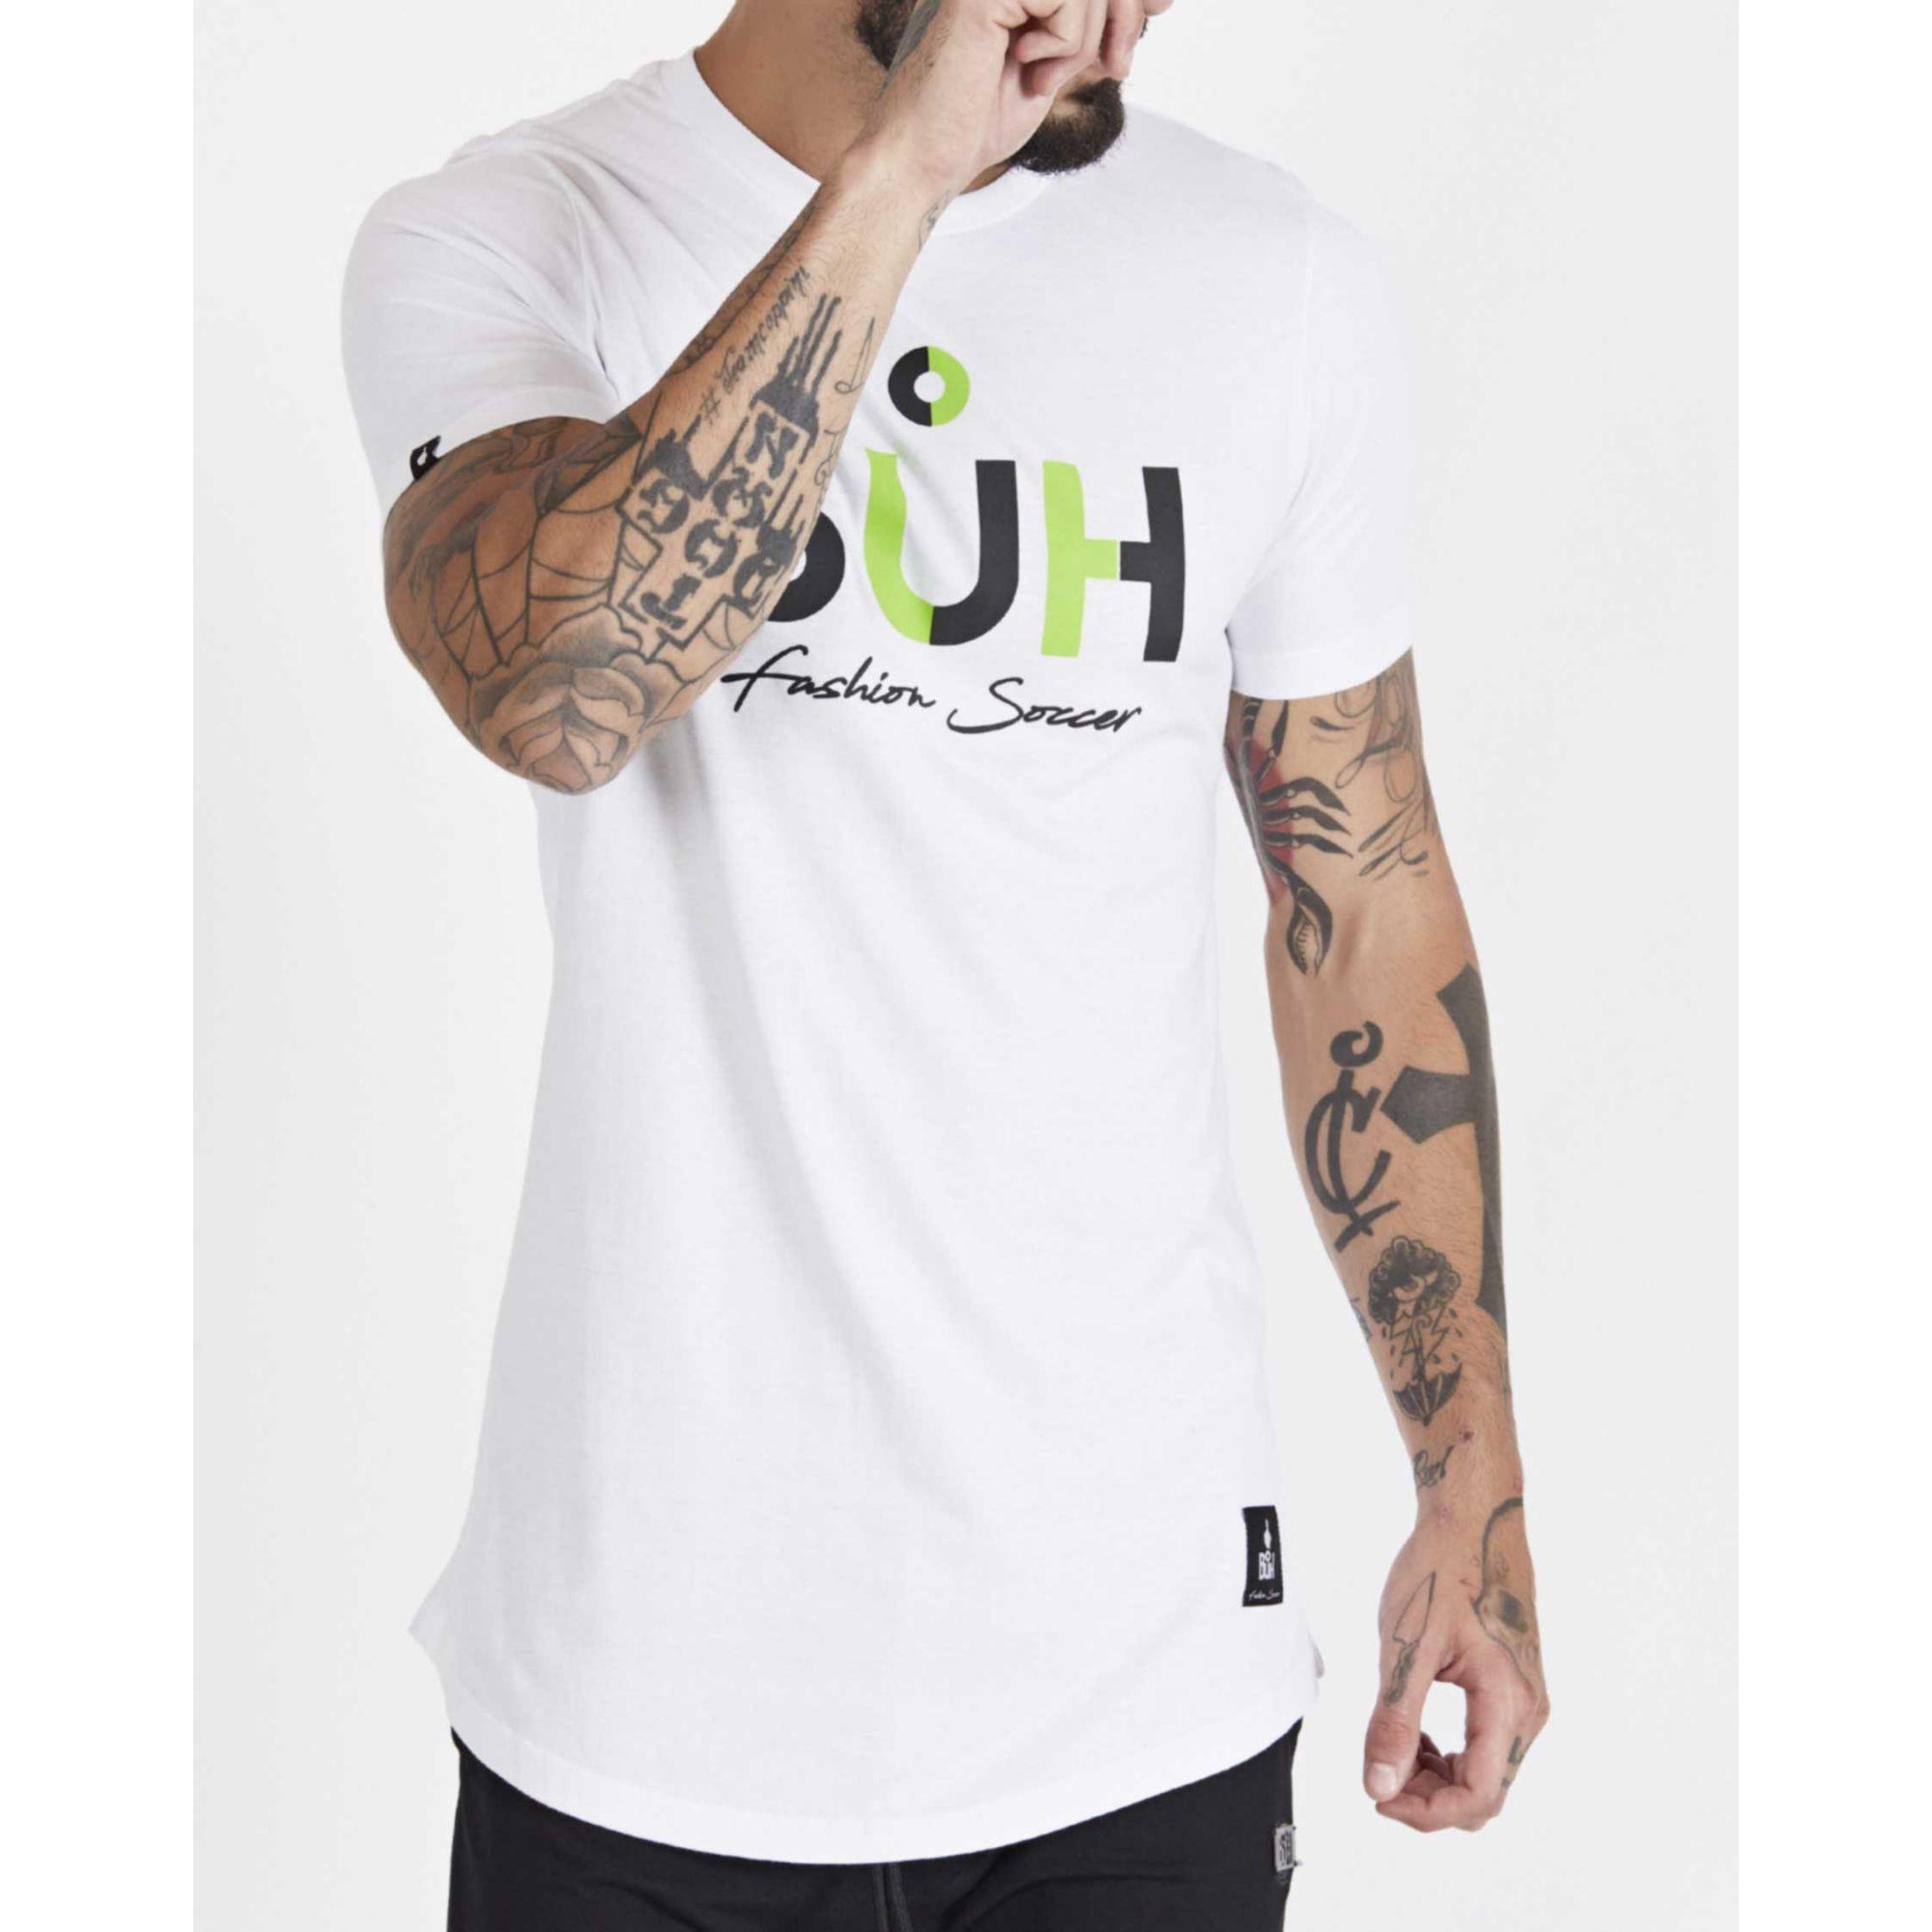 Camiseta Buh Bicolor White